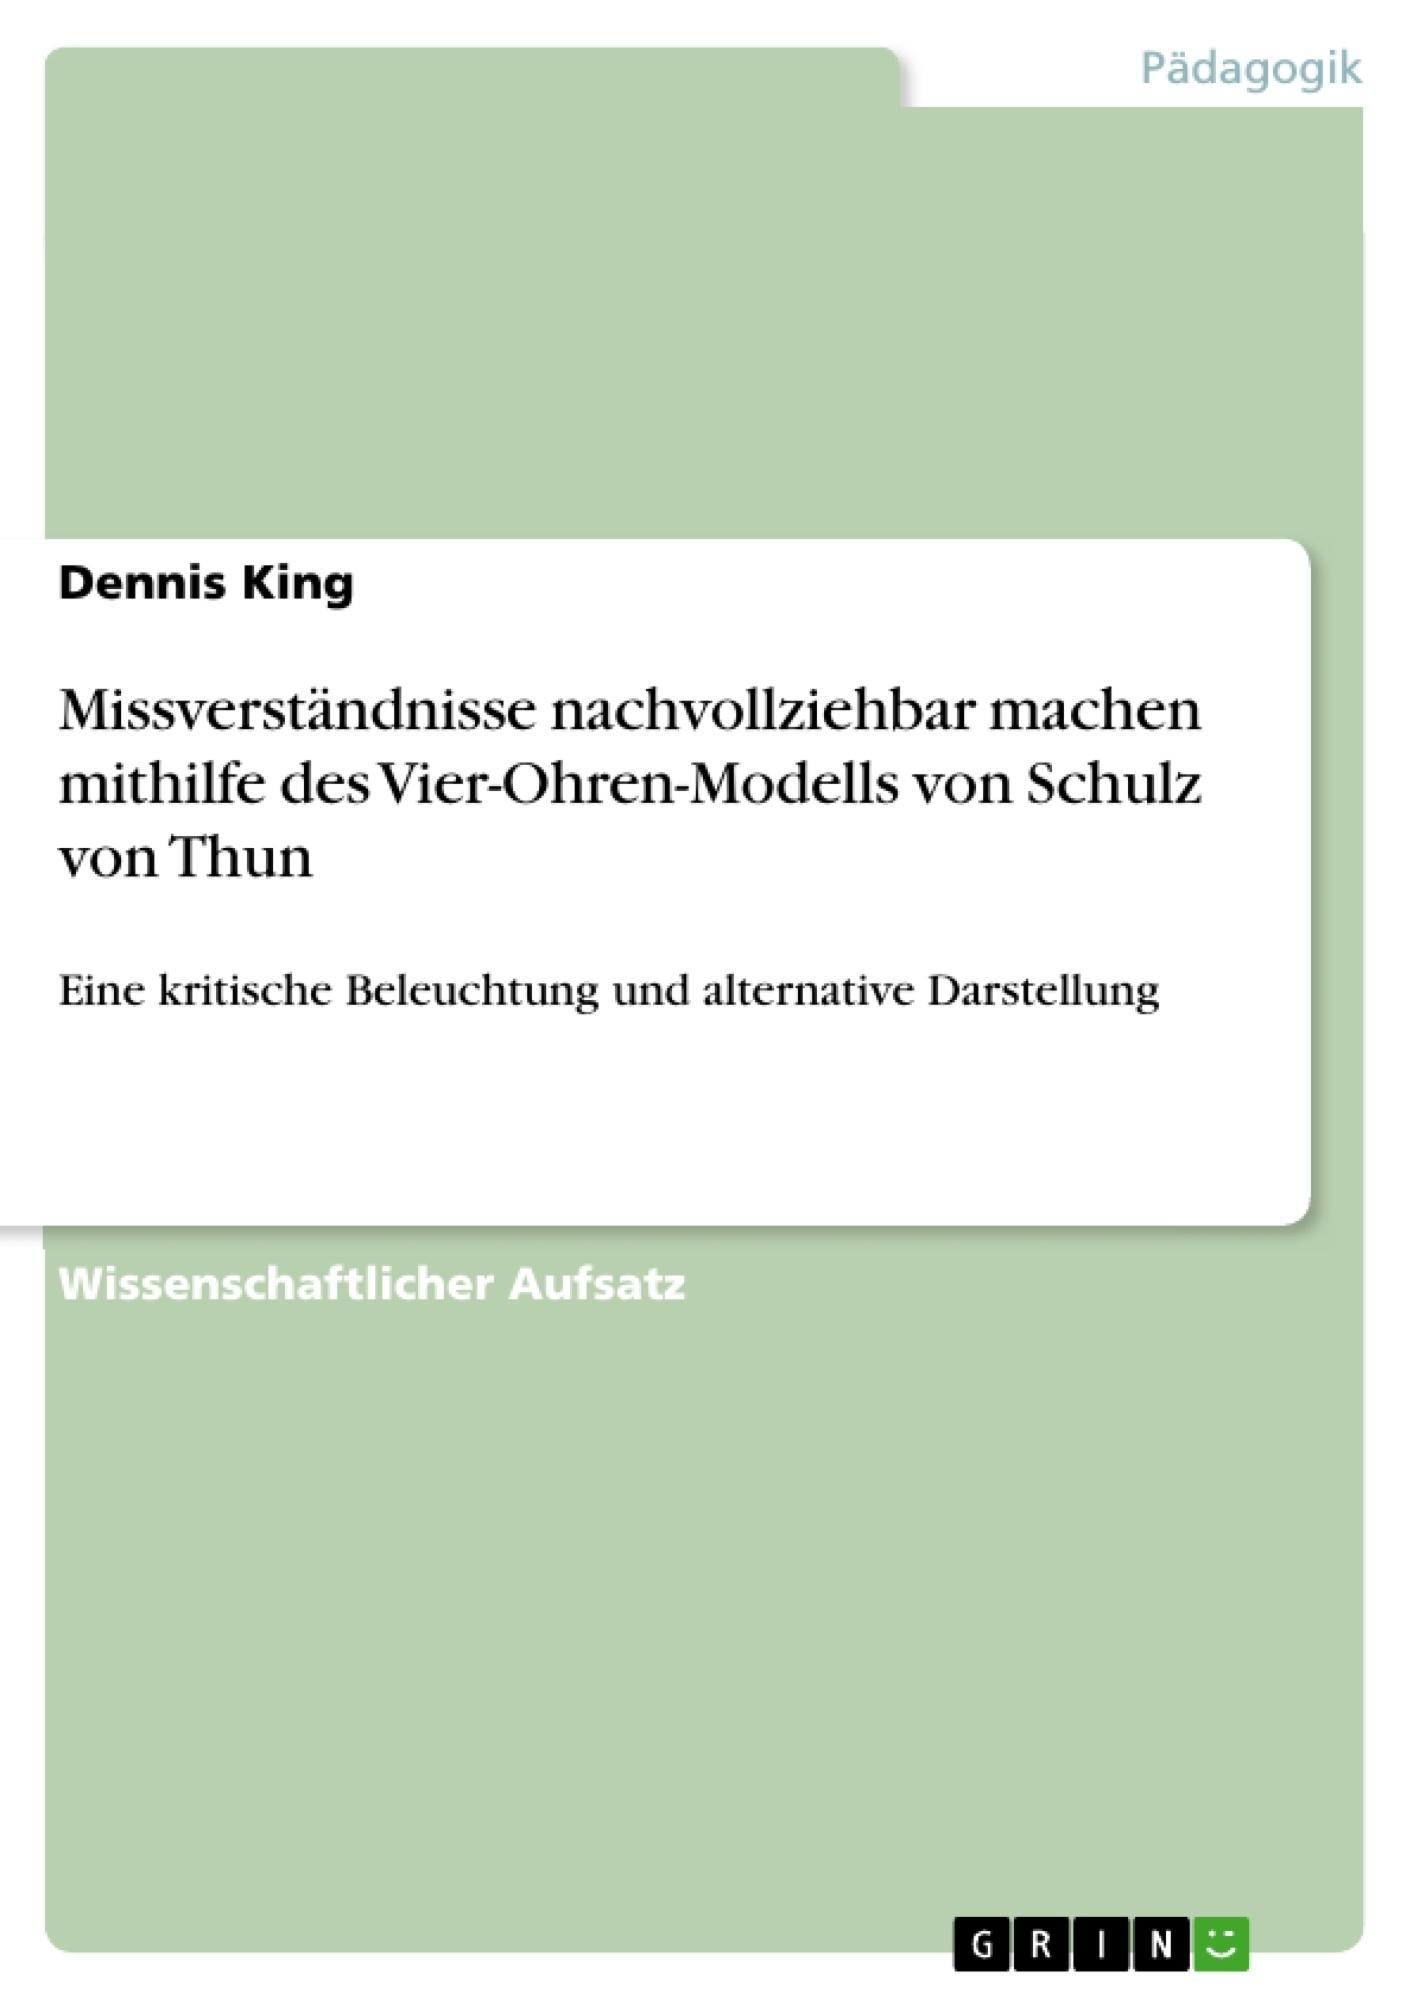 Titel: Missverständnisse nachvollziehbar machen mithilfe des Vier-Ohren-Modells von Schulz von Thun